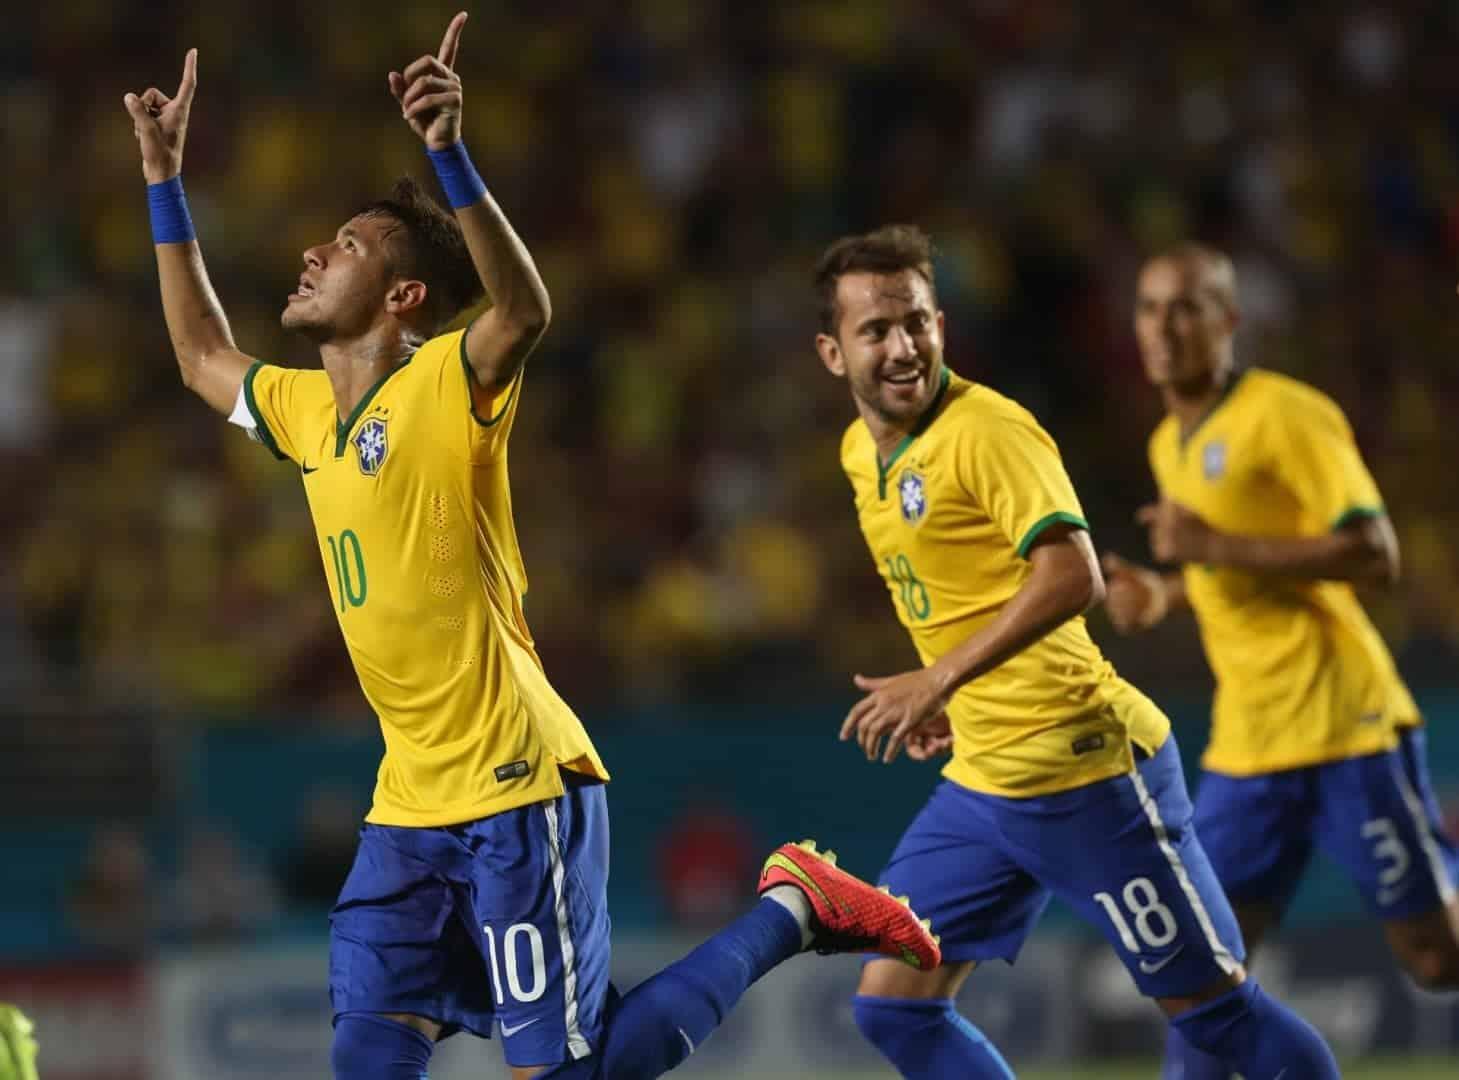 7. A primeira Copa que teve números nas costas dos jogadores foi a do Brasil 40947ff7537b2